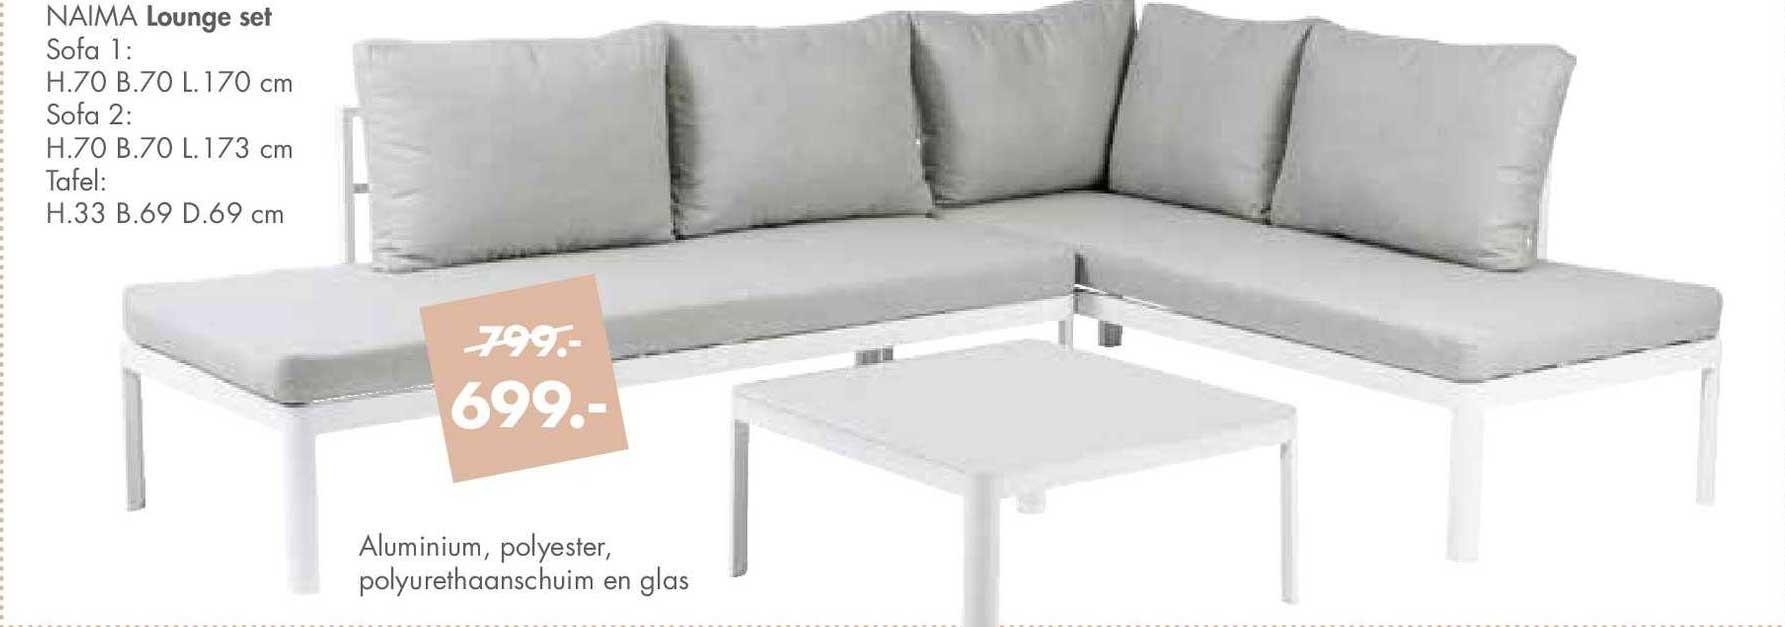 CASA Naima Lounge Set : Sofa Of Tafel